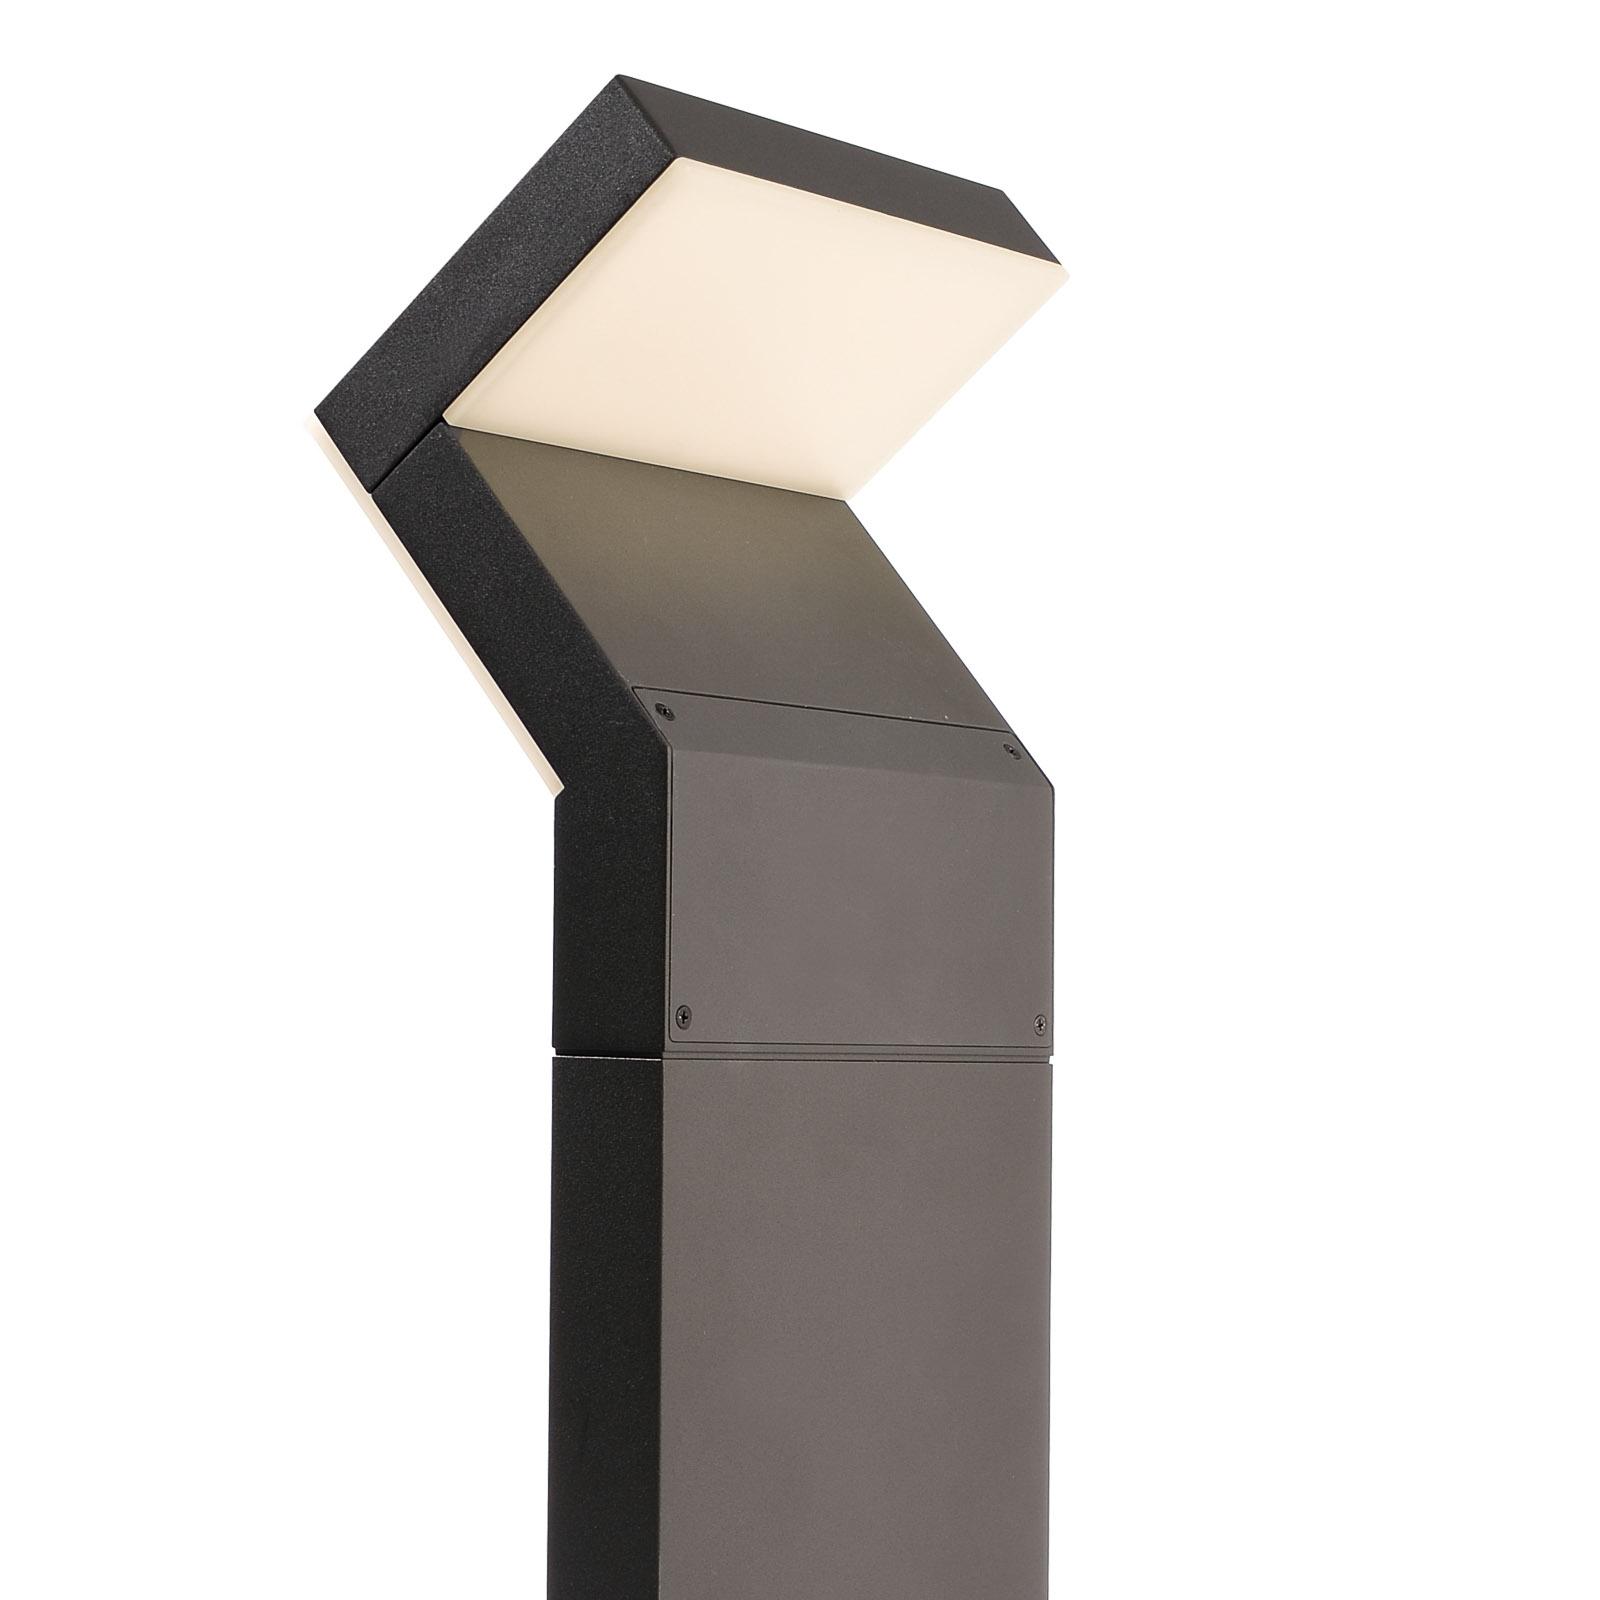 LED-Wegeleuchte Taygeta, Höhe 100 cm